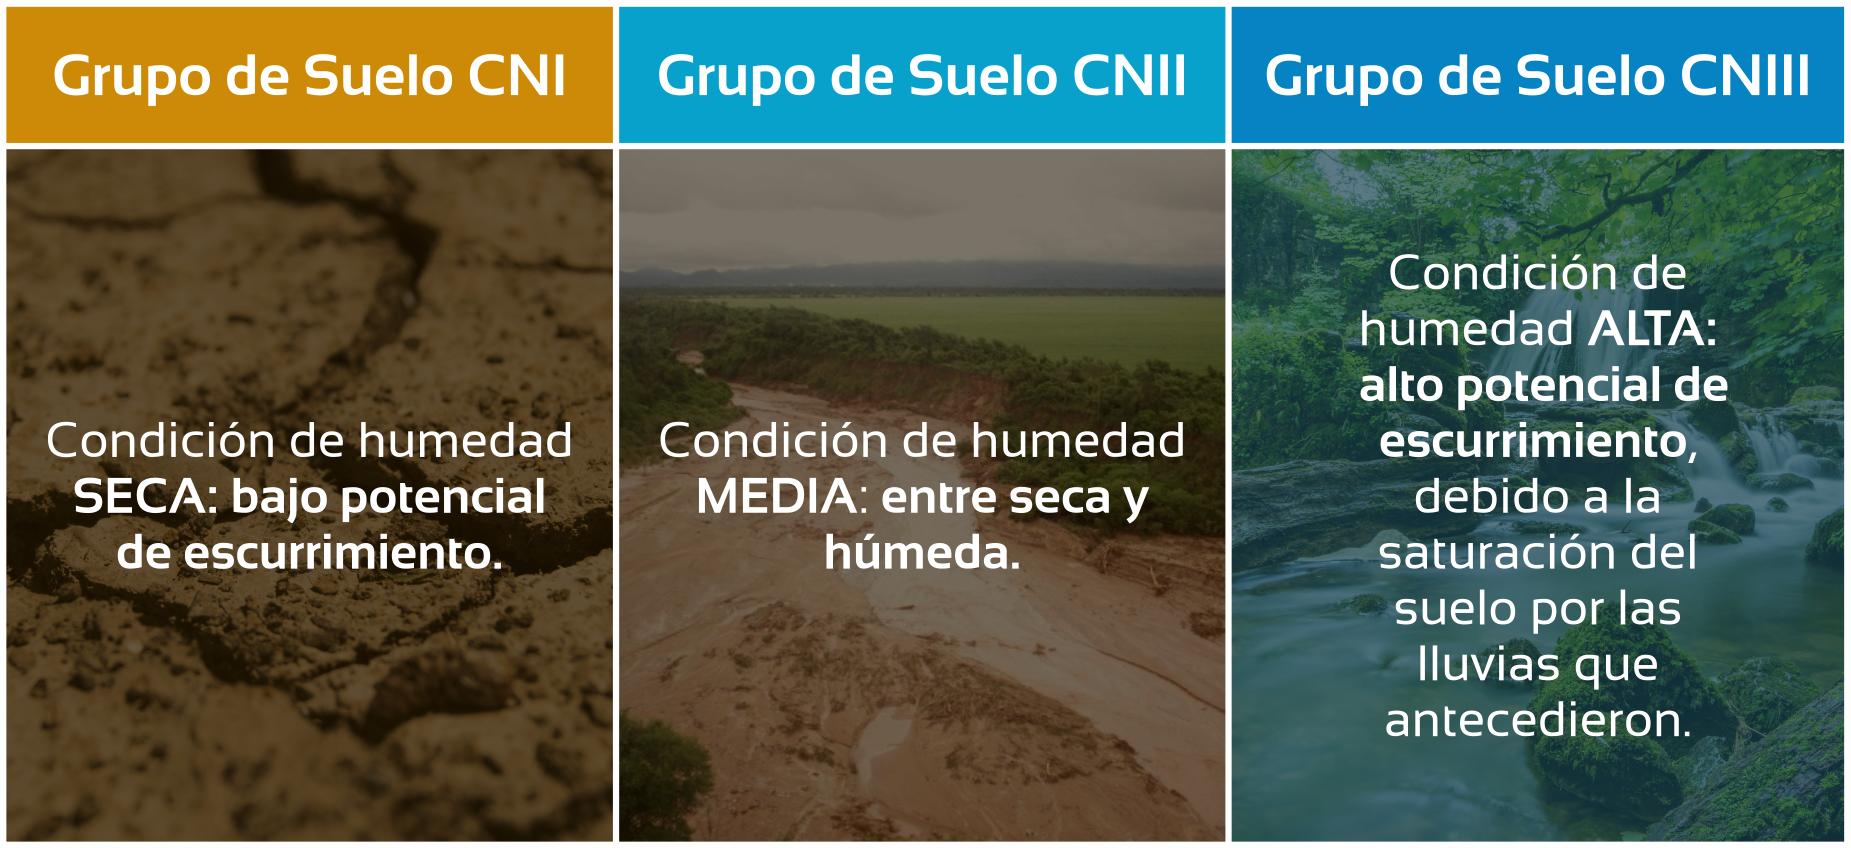 34-cuencas-hidrologicas-3-tipos-cn